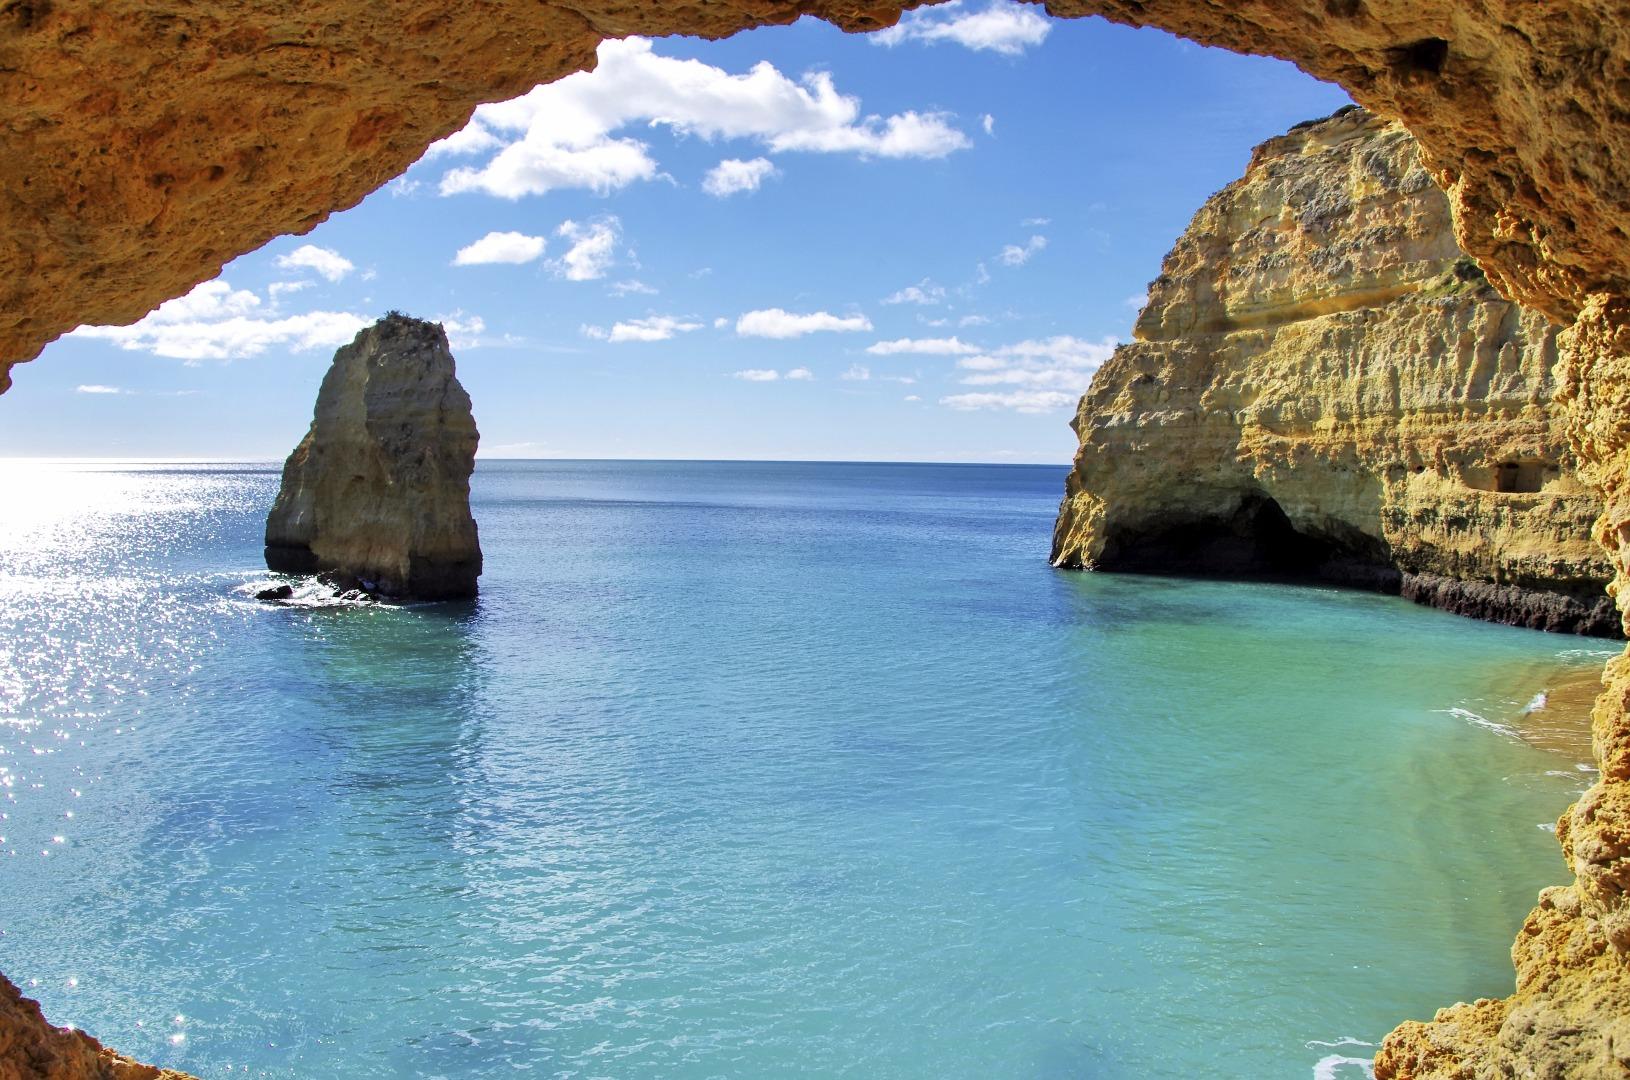 Azure waters in the Algarve